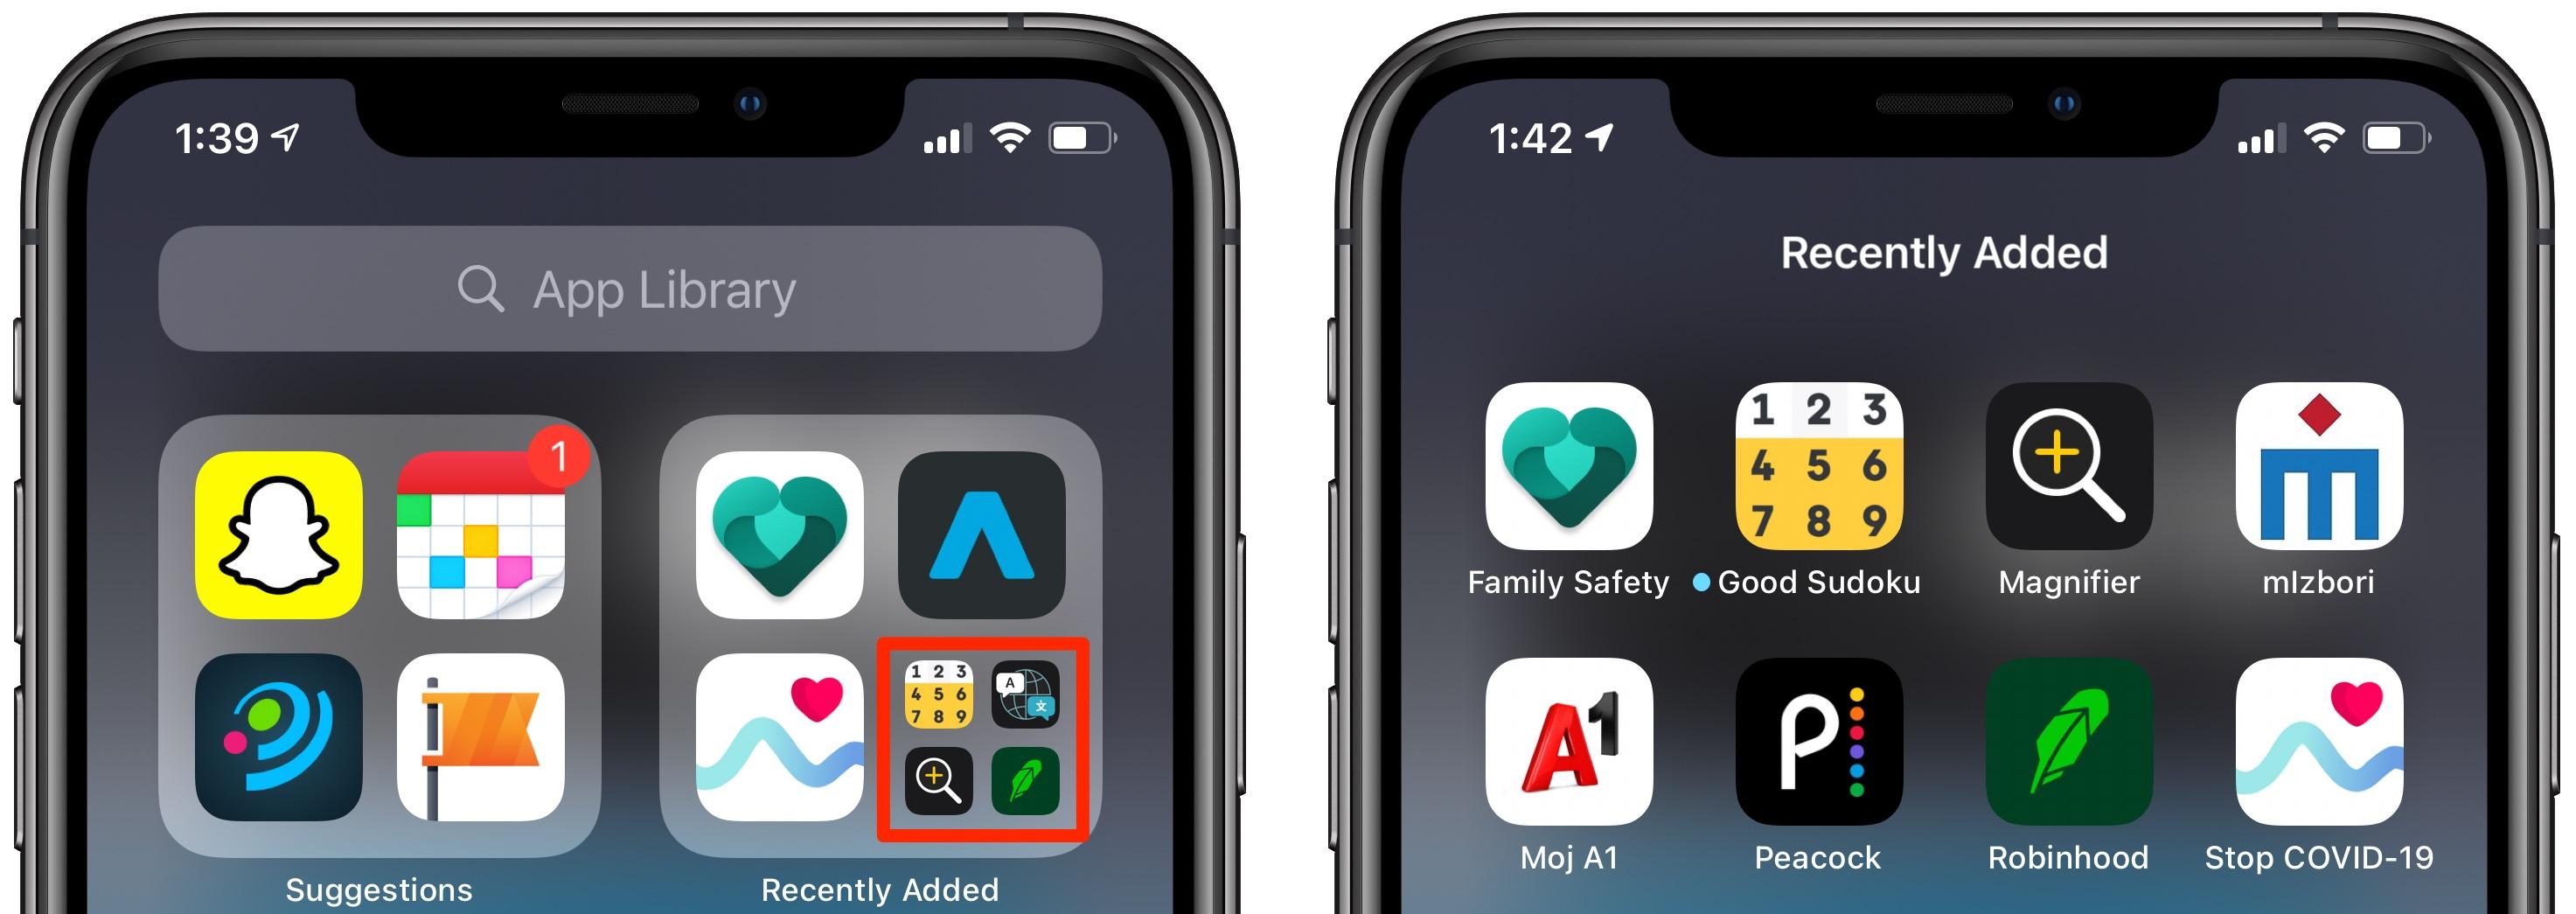 Nedavno instalirane aplikacije iPhone - Knjižnica aplikacija koja prikazuje proširenu mapu Nedavno dodano